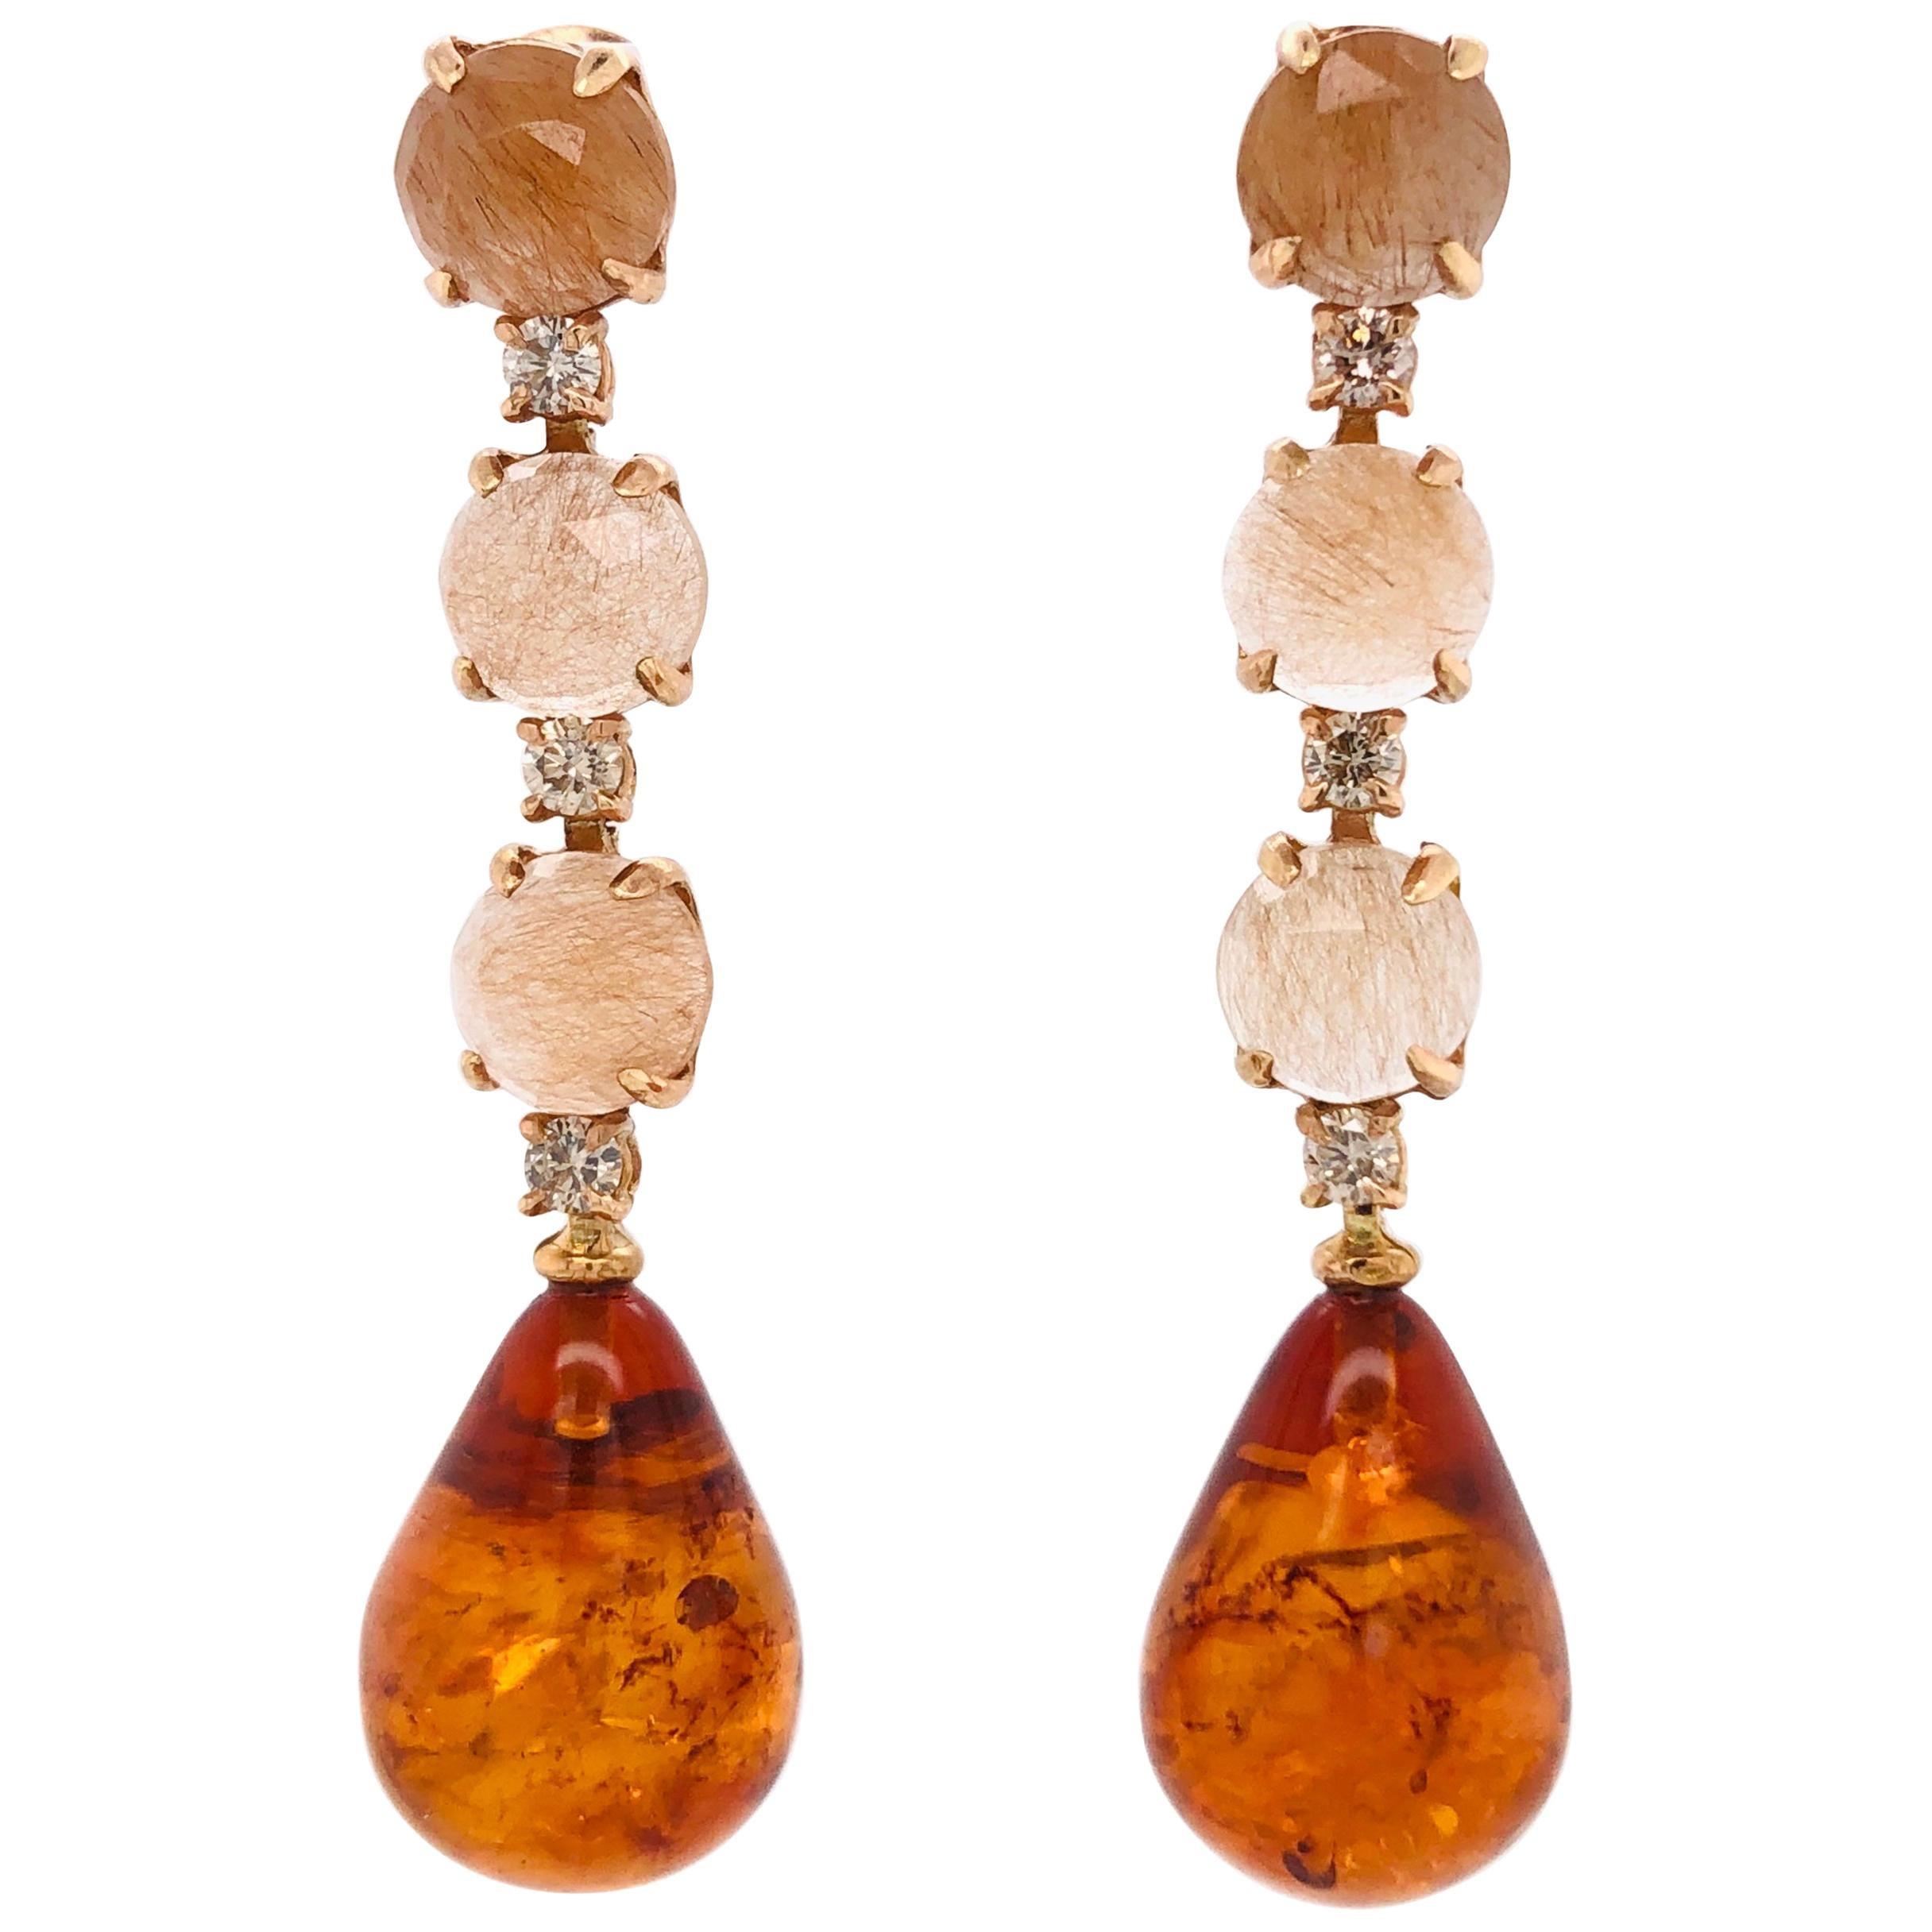 Rutiled Quartz, Brown Diamonds, Amber on Gold 18 Karat Chandelier Earrings